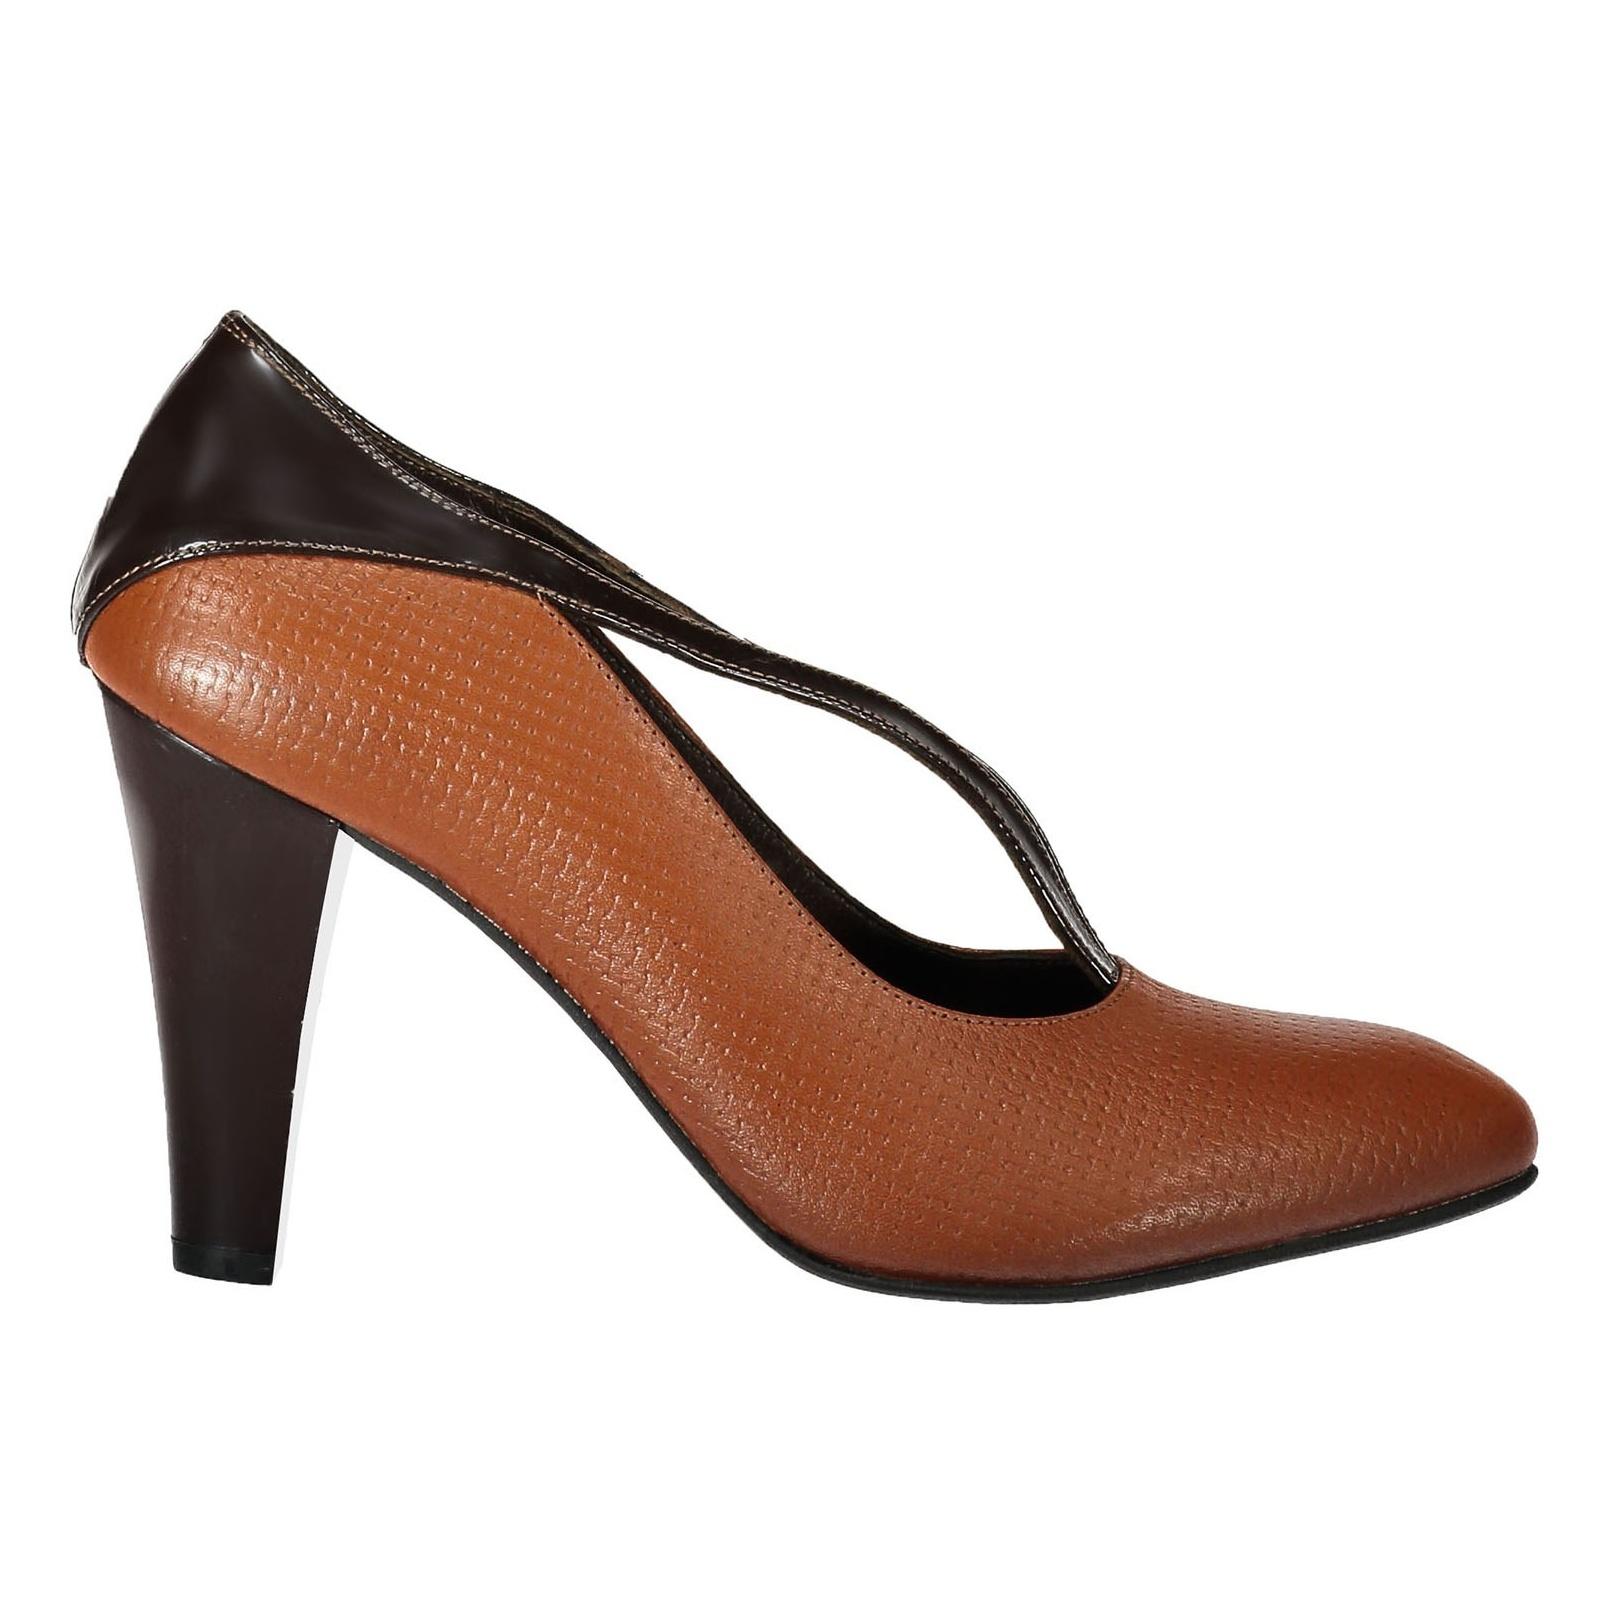 کفش پاشنه بلند چرم زنانه - شهر چرم - قهوه ای و عسلی - 6